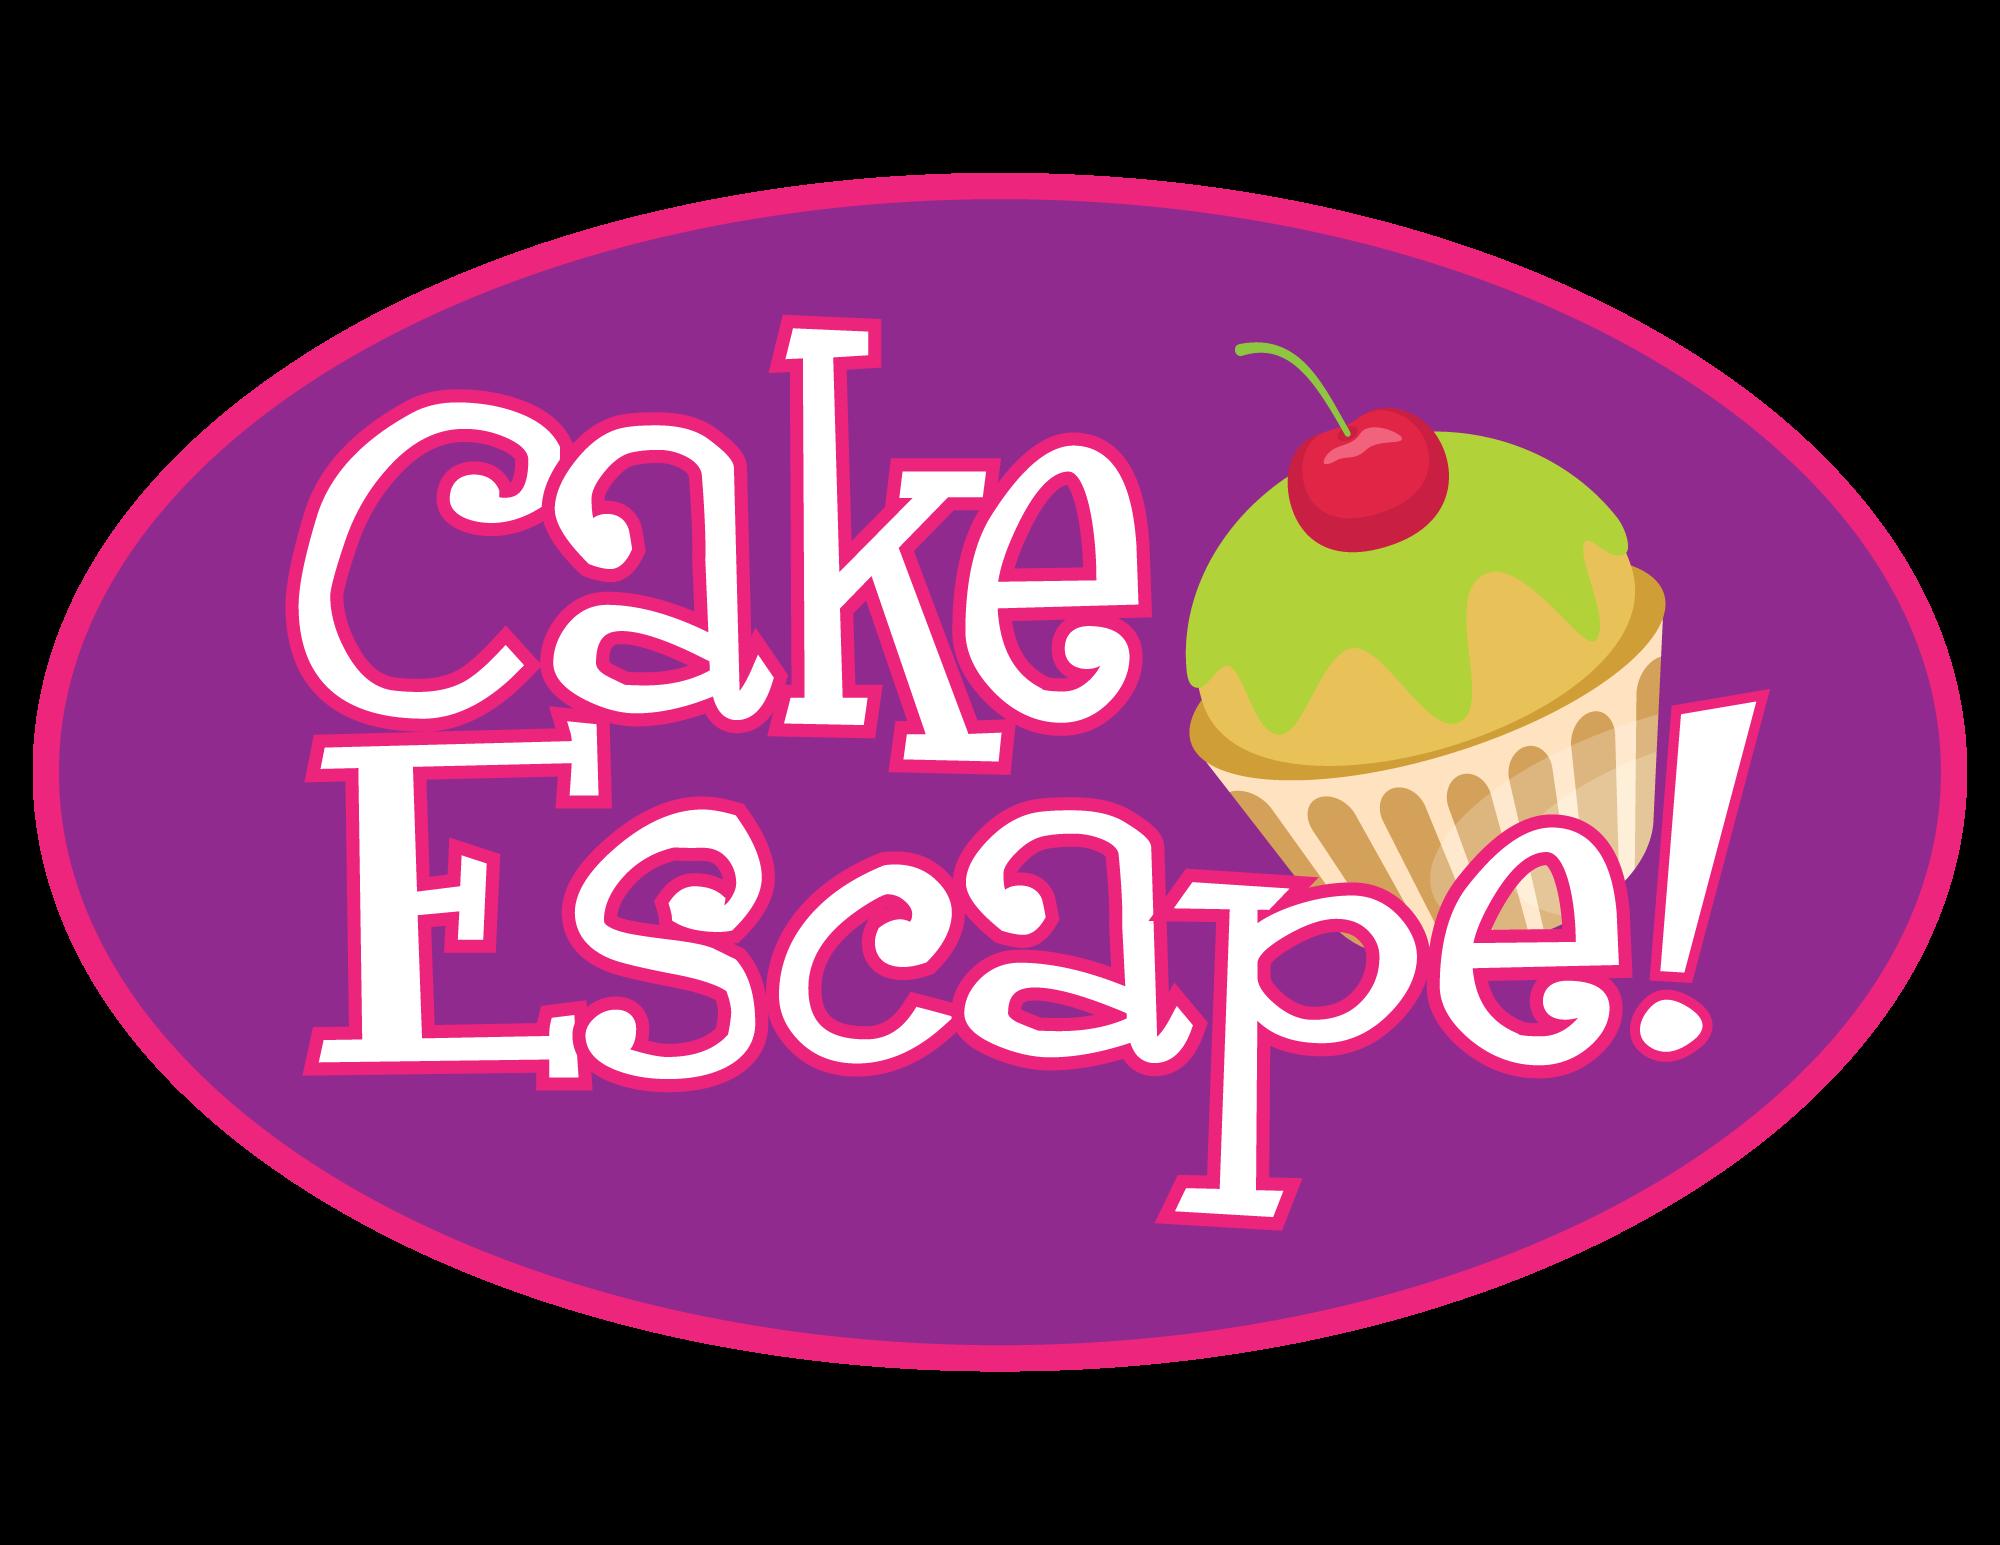 Cake Escape logo